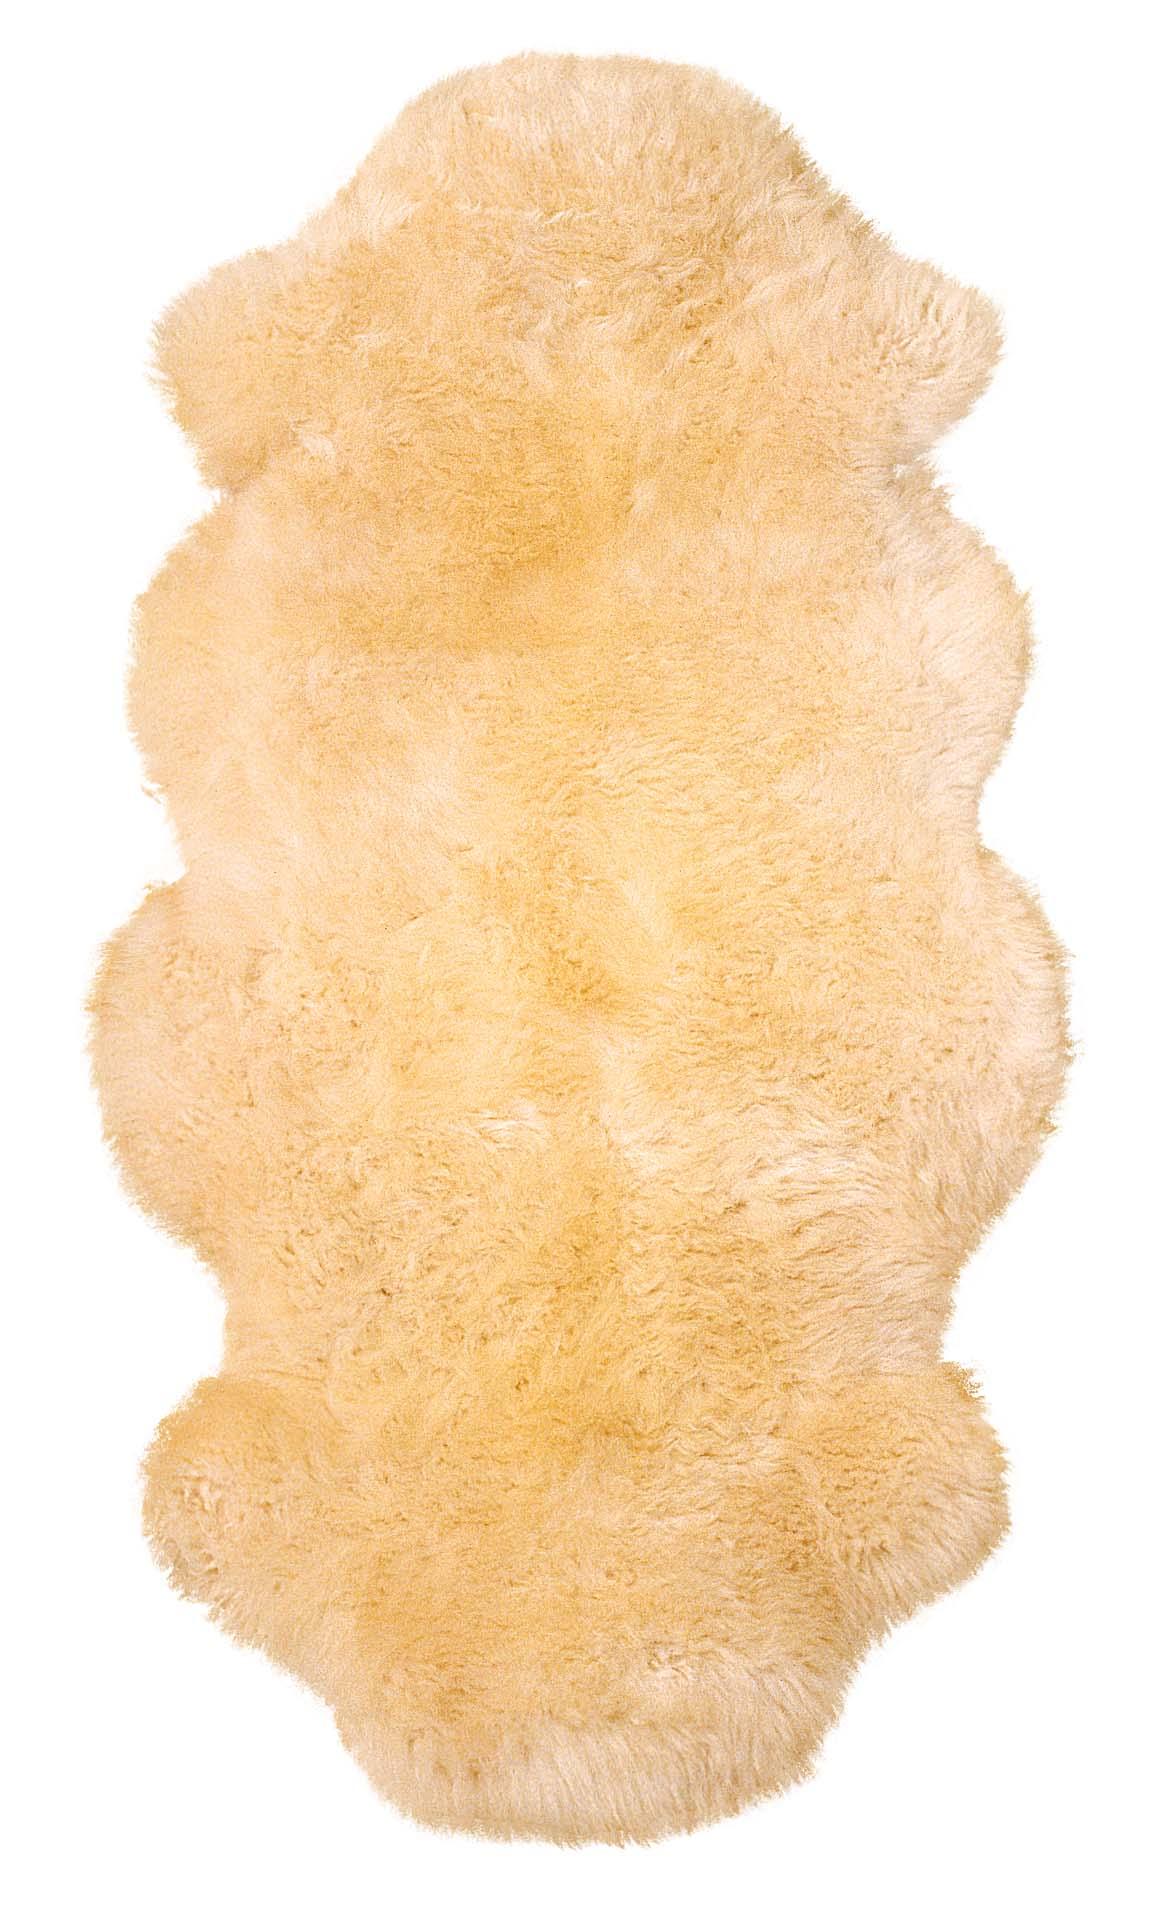 Lammfelle Aus 1 12 Fellen Farbe Beige Fellereyde